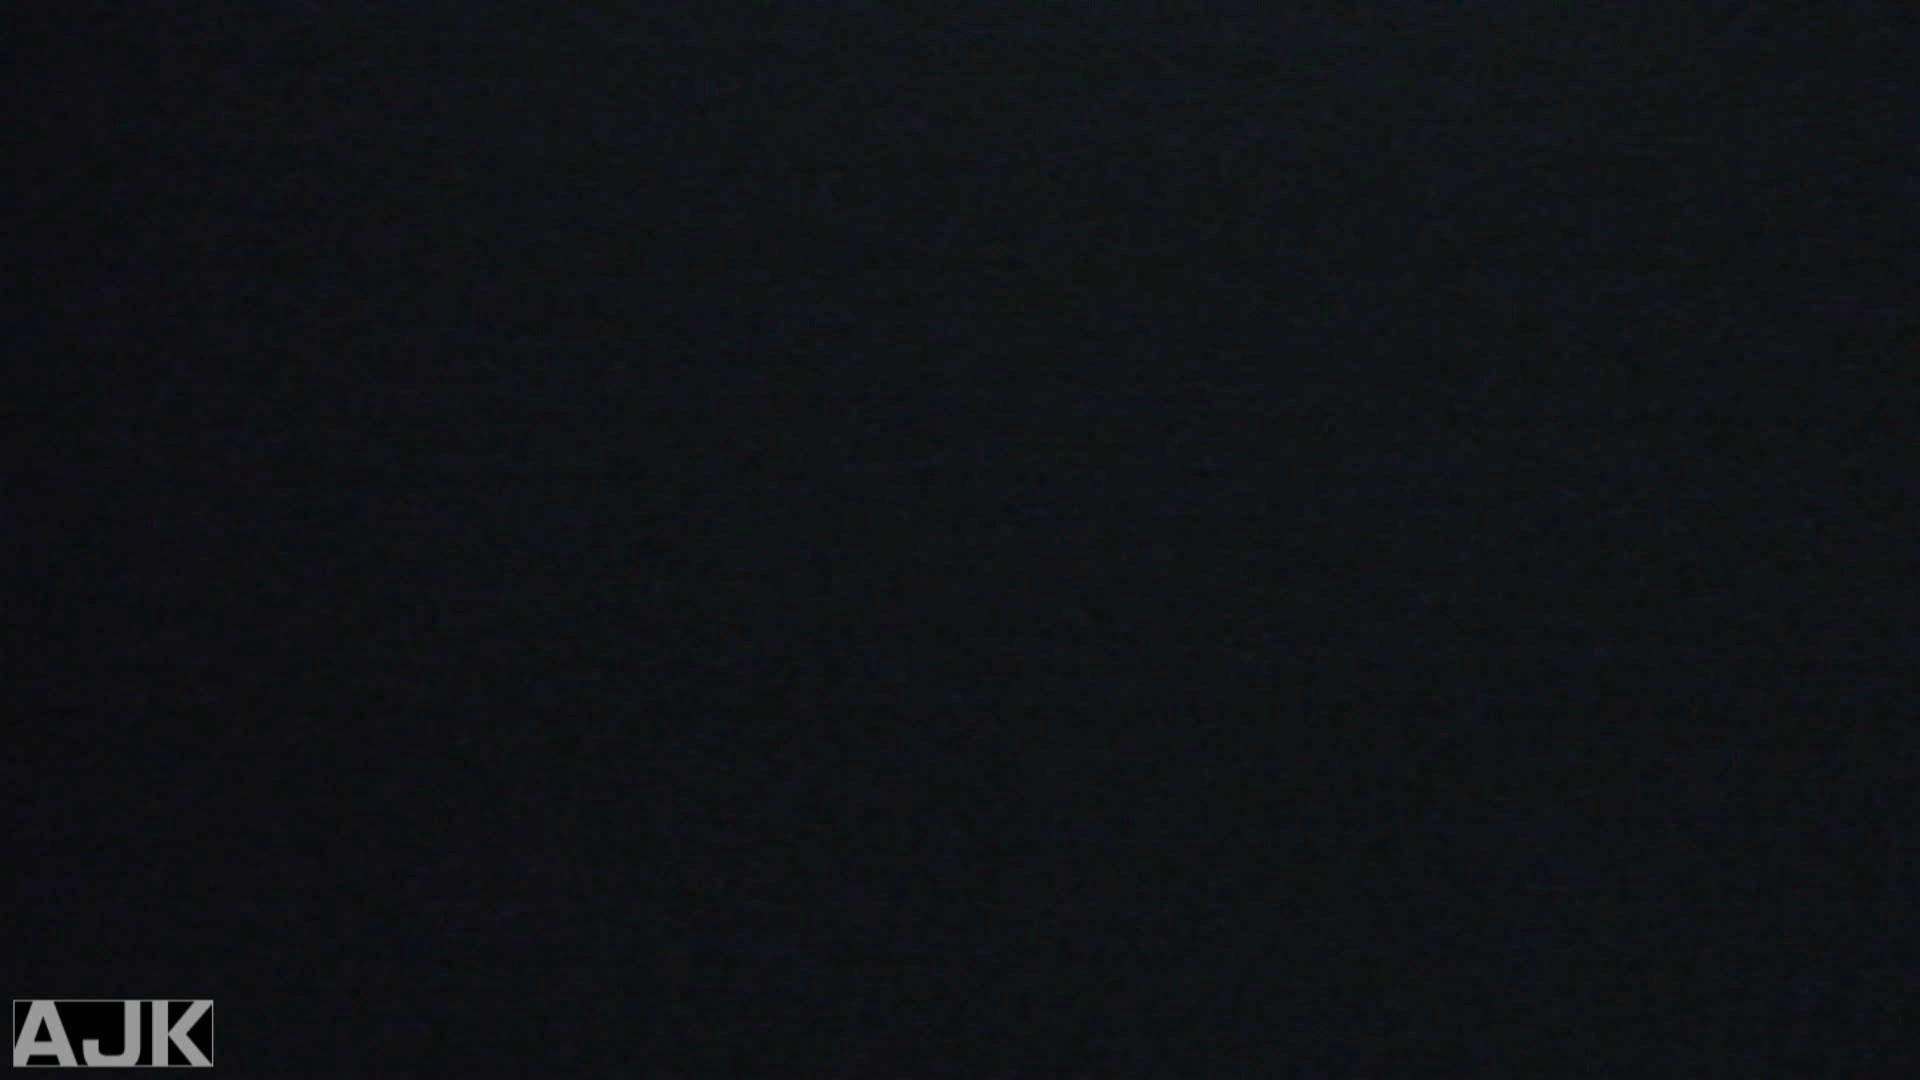 隣国上階級エリアの令嬢たちが集うデパートお手洗い Vol.23 エロいお嬢様 ワレメ無修正動画無料 97画像 30